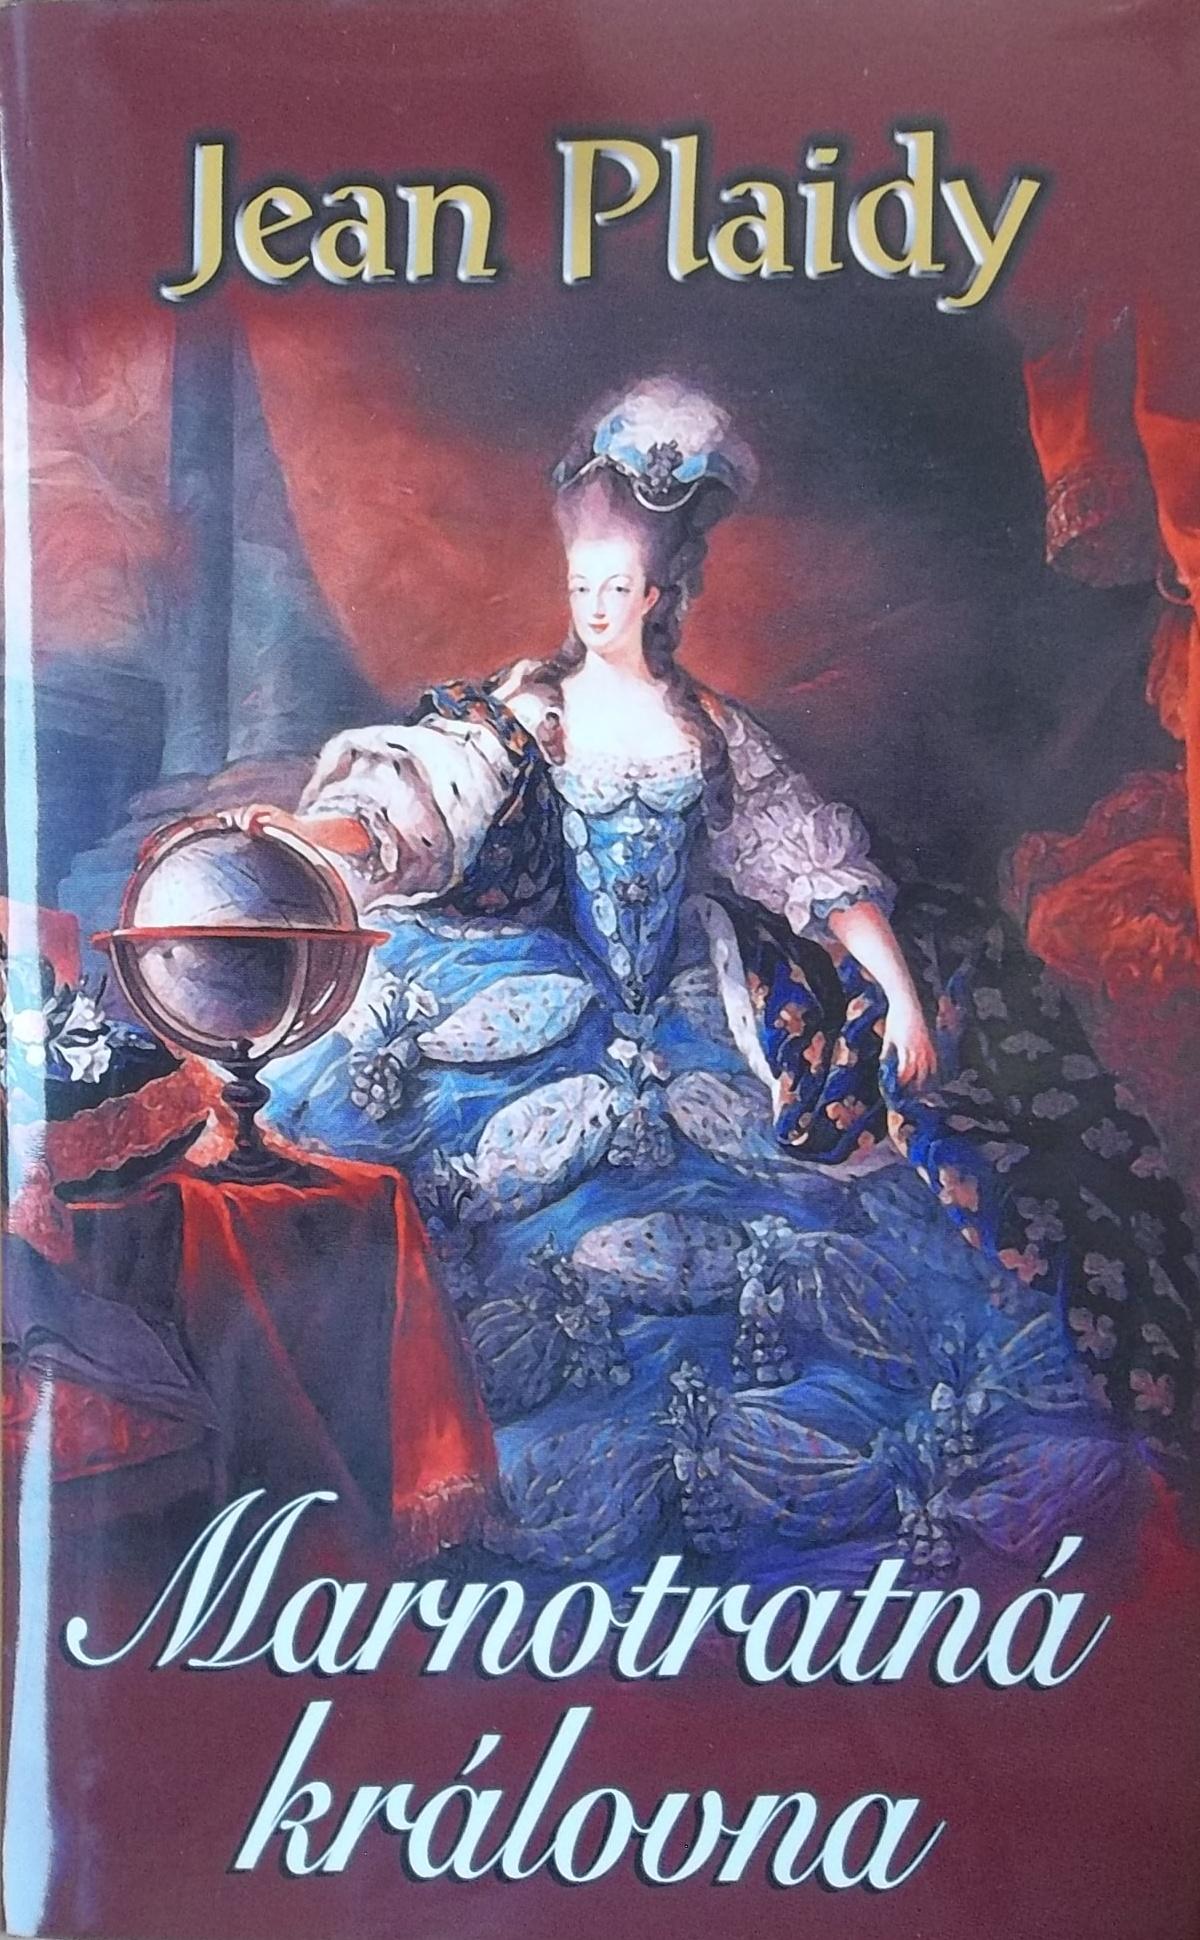 Marnotratná královna - Jean Plaidy